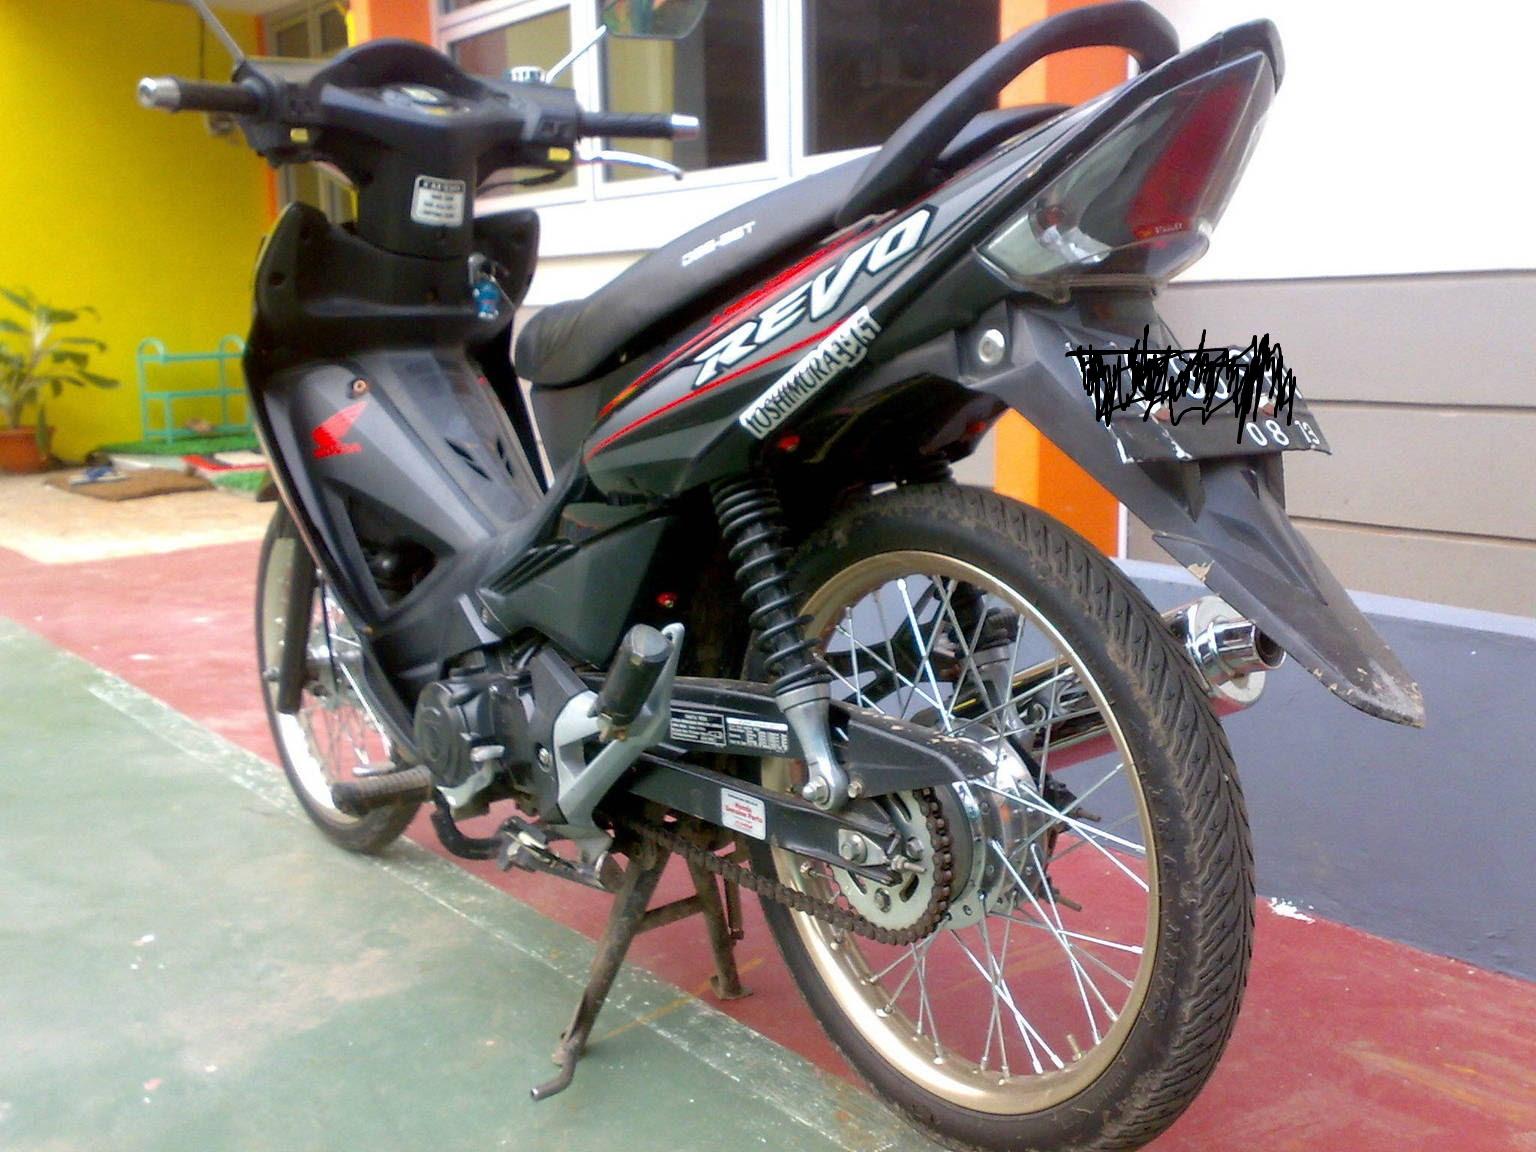 Koleksi Ide 60 Gambar Modifikasi Motor Honda Revo 2007 Terlengkap